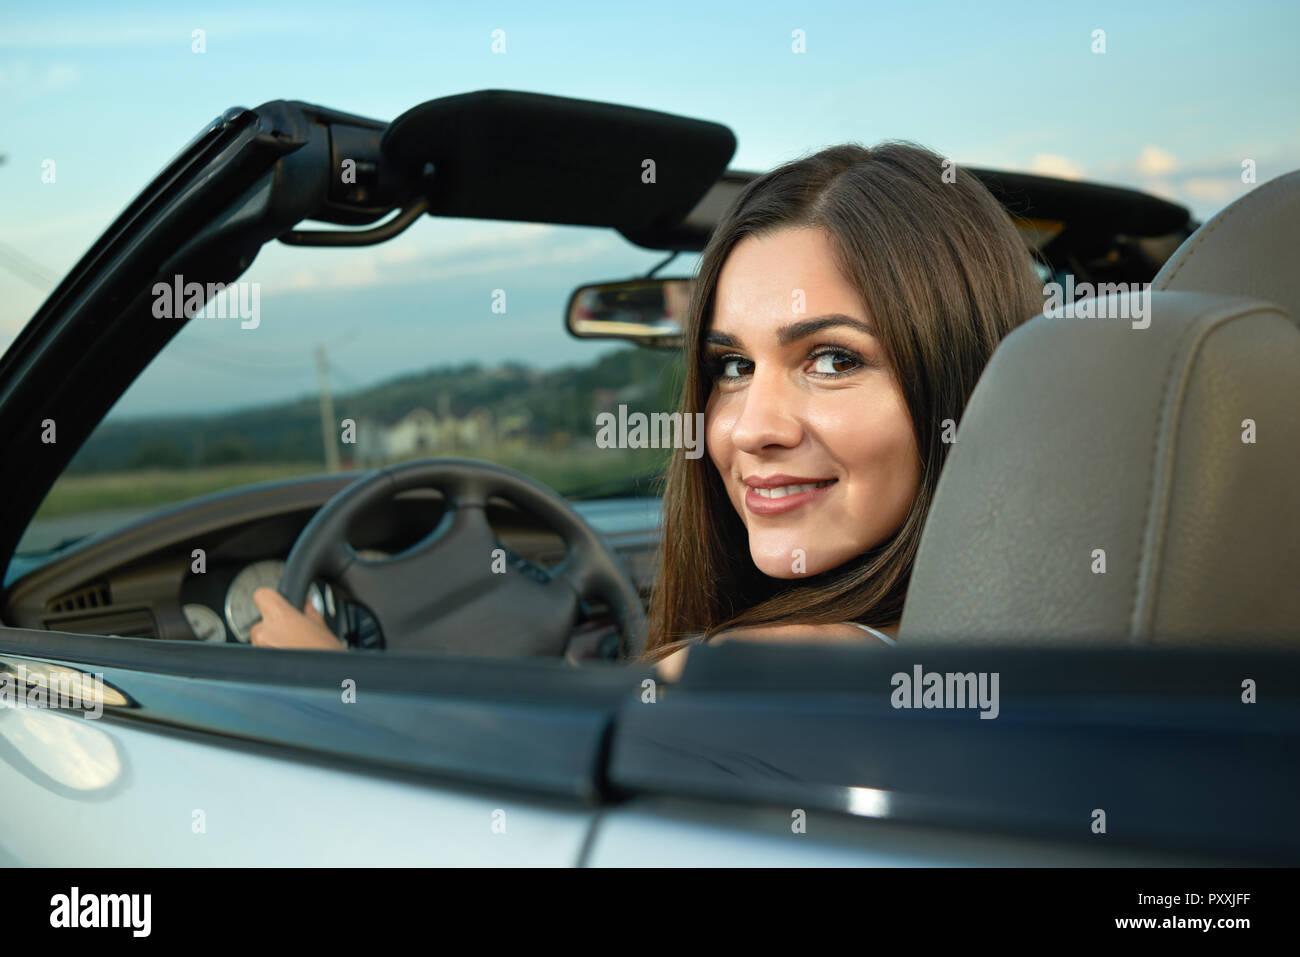 Affascinante giovane donna alla guida di auto e guardando indietro alla  fotocamera. Splendido modello e 53a927aae9df